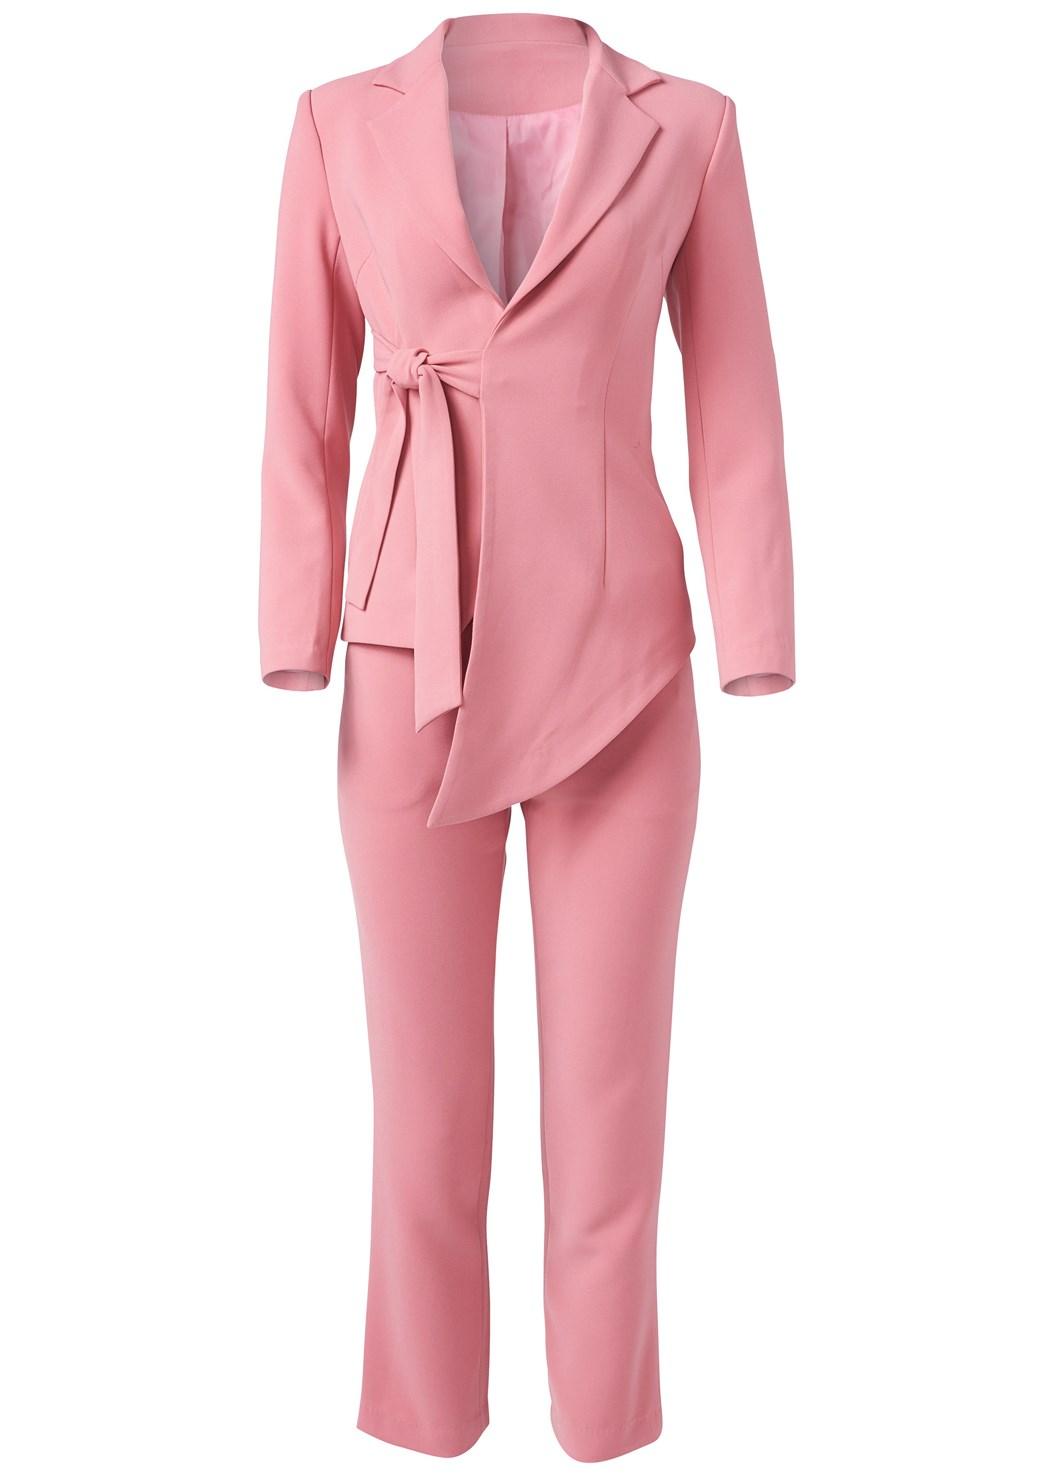 Asymmetrical Suit Set,High Heel Strappy Sandals,Embellished Lucite Heel,Hoop Detail Earrings